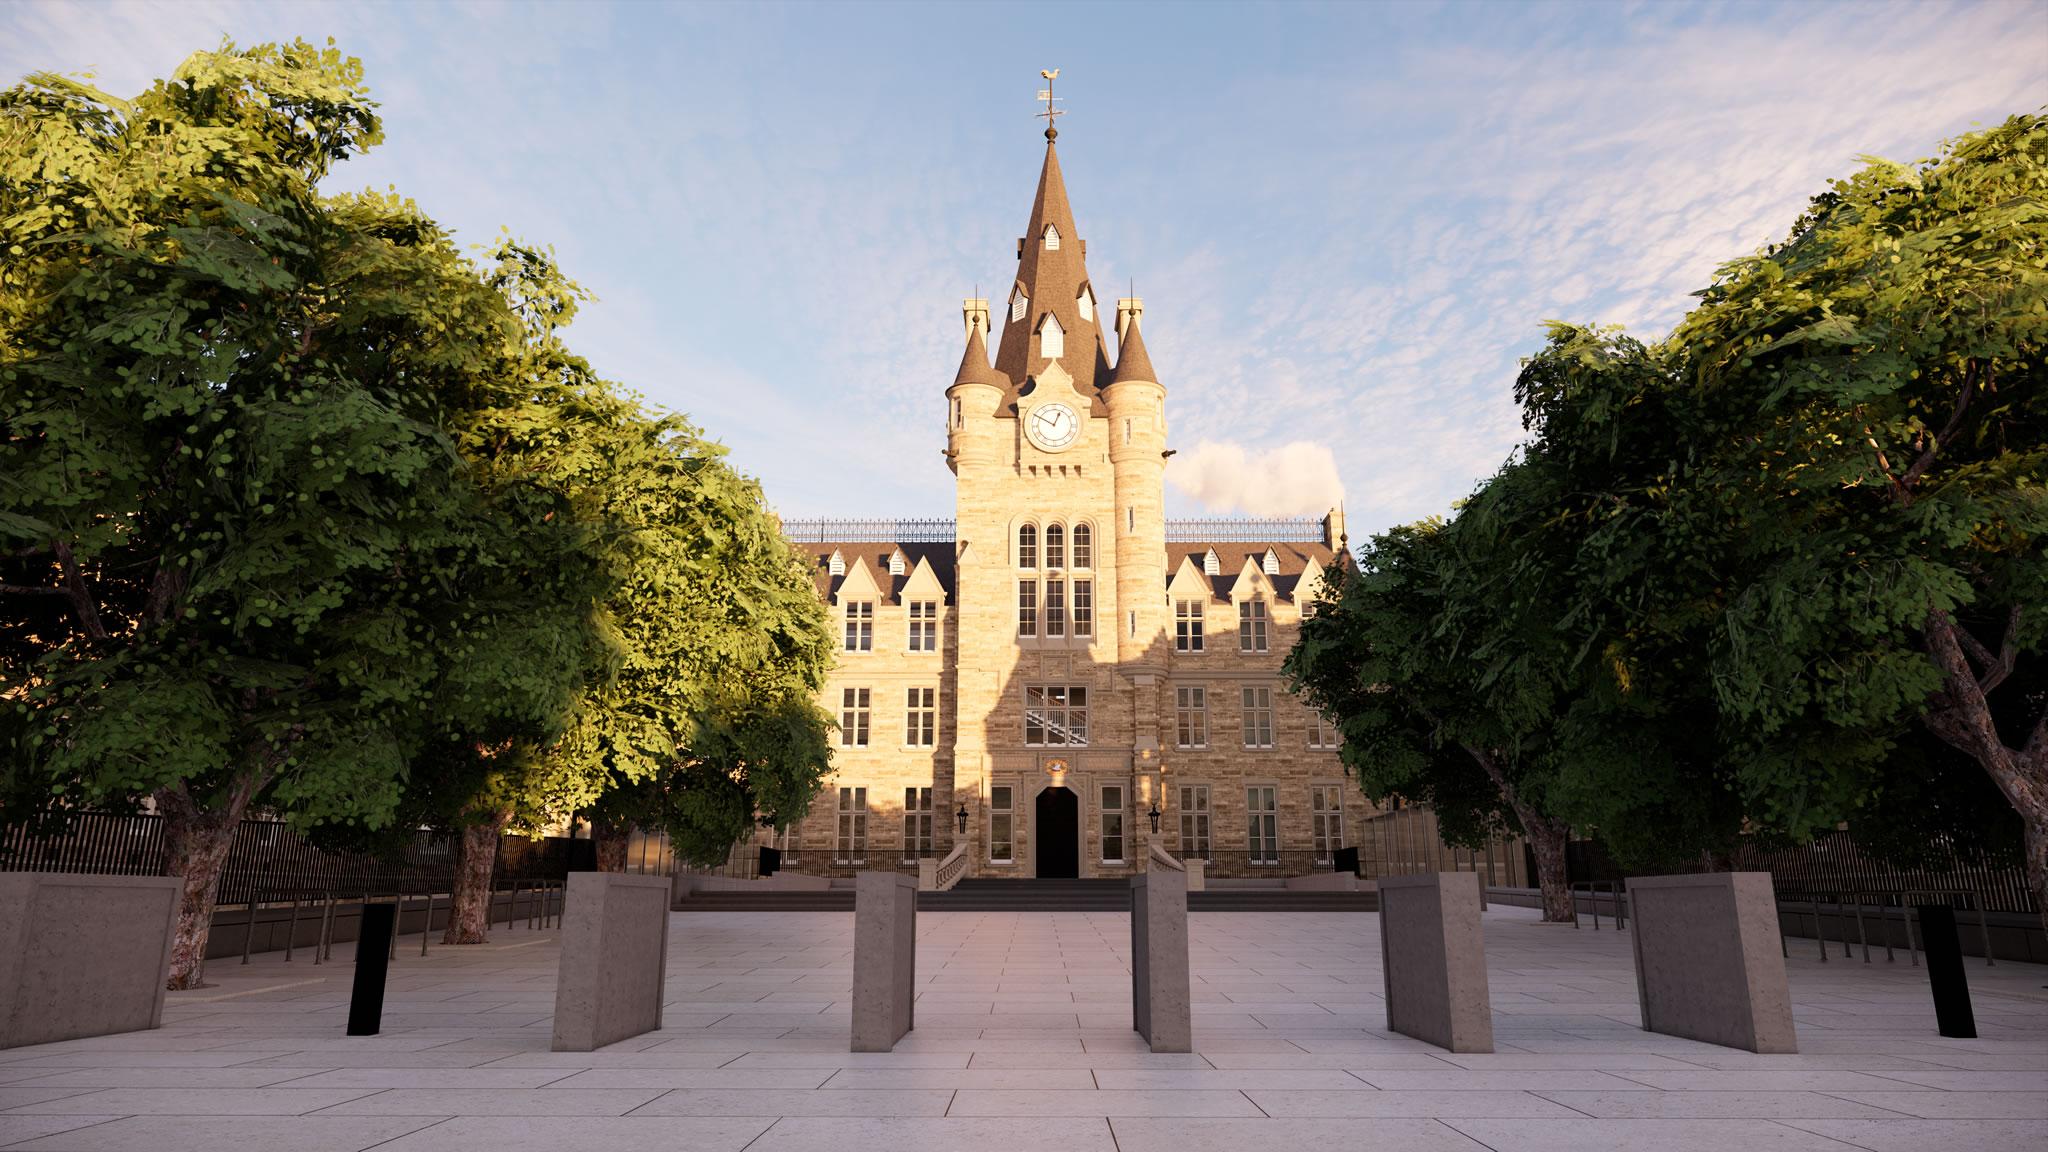 Edinburgh landmark revealed in online tour